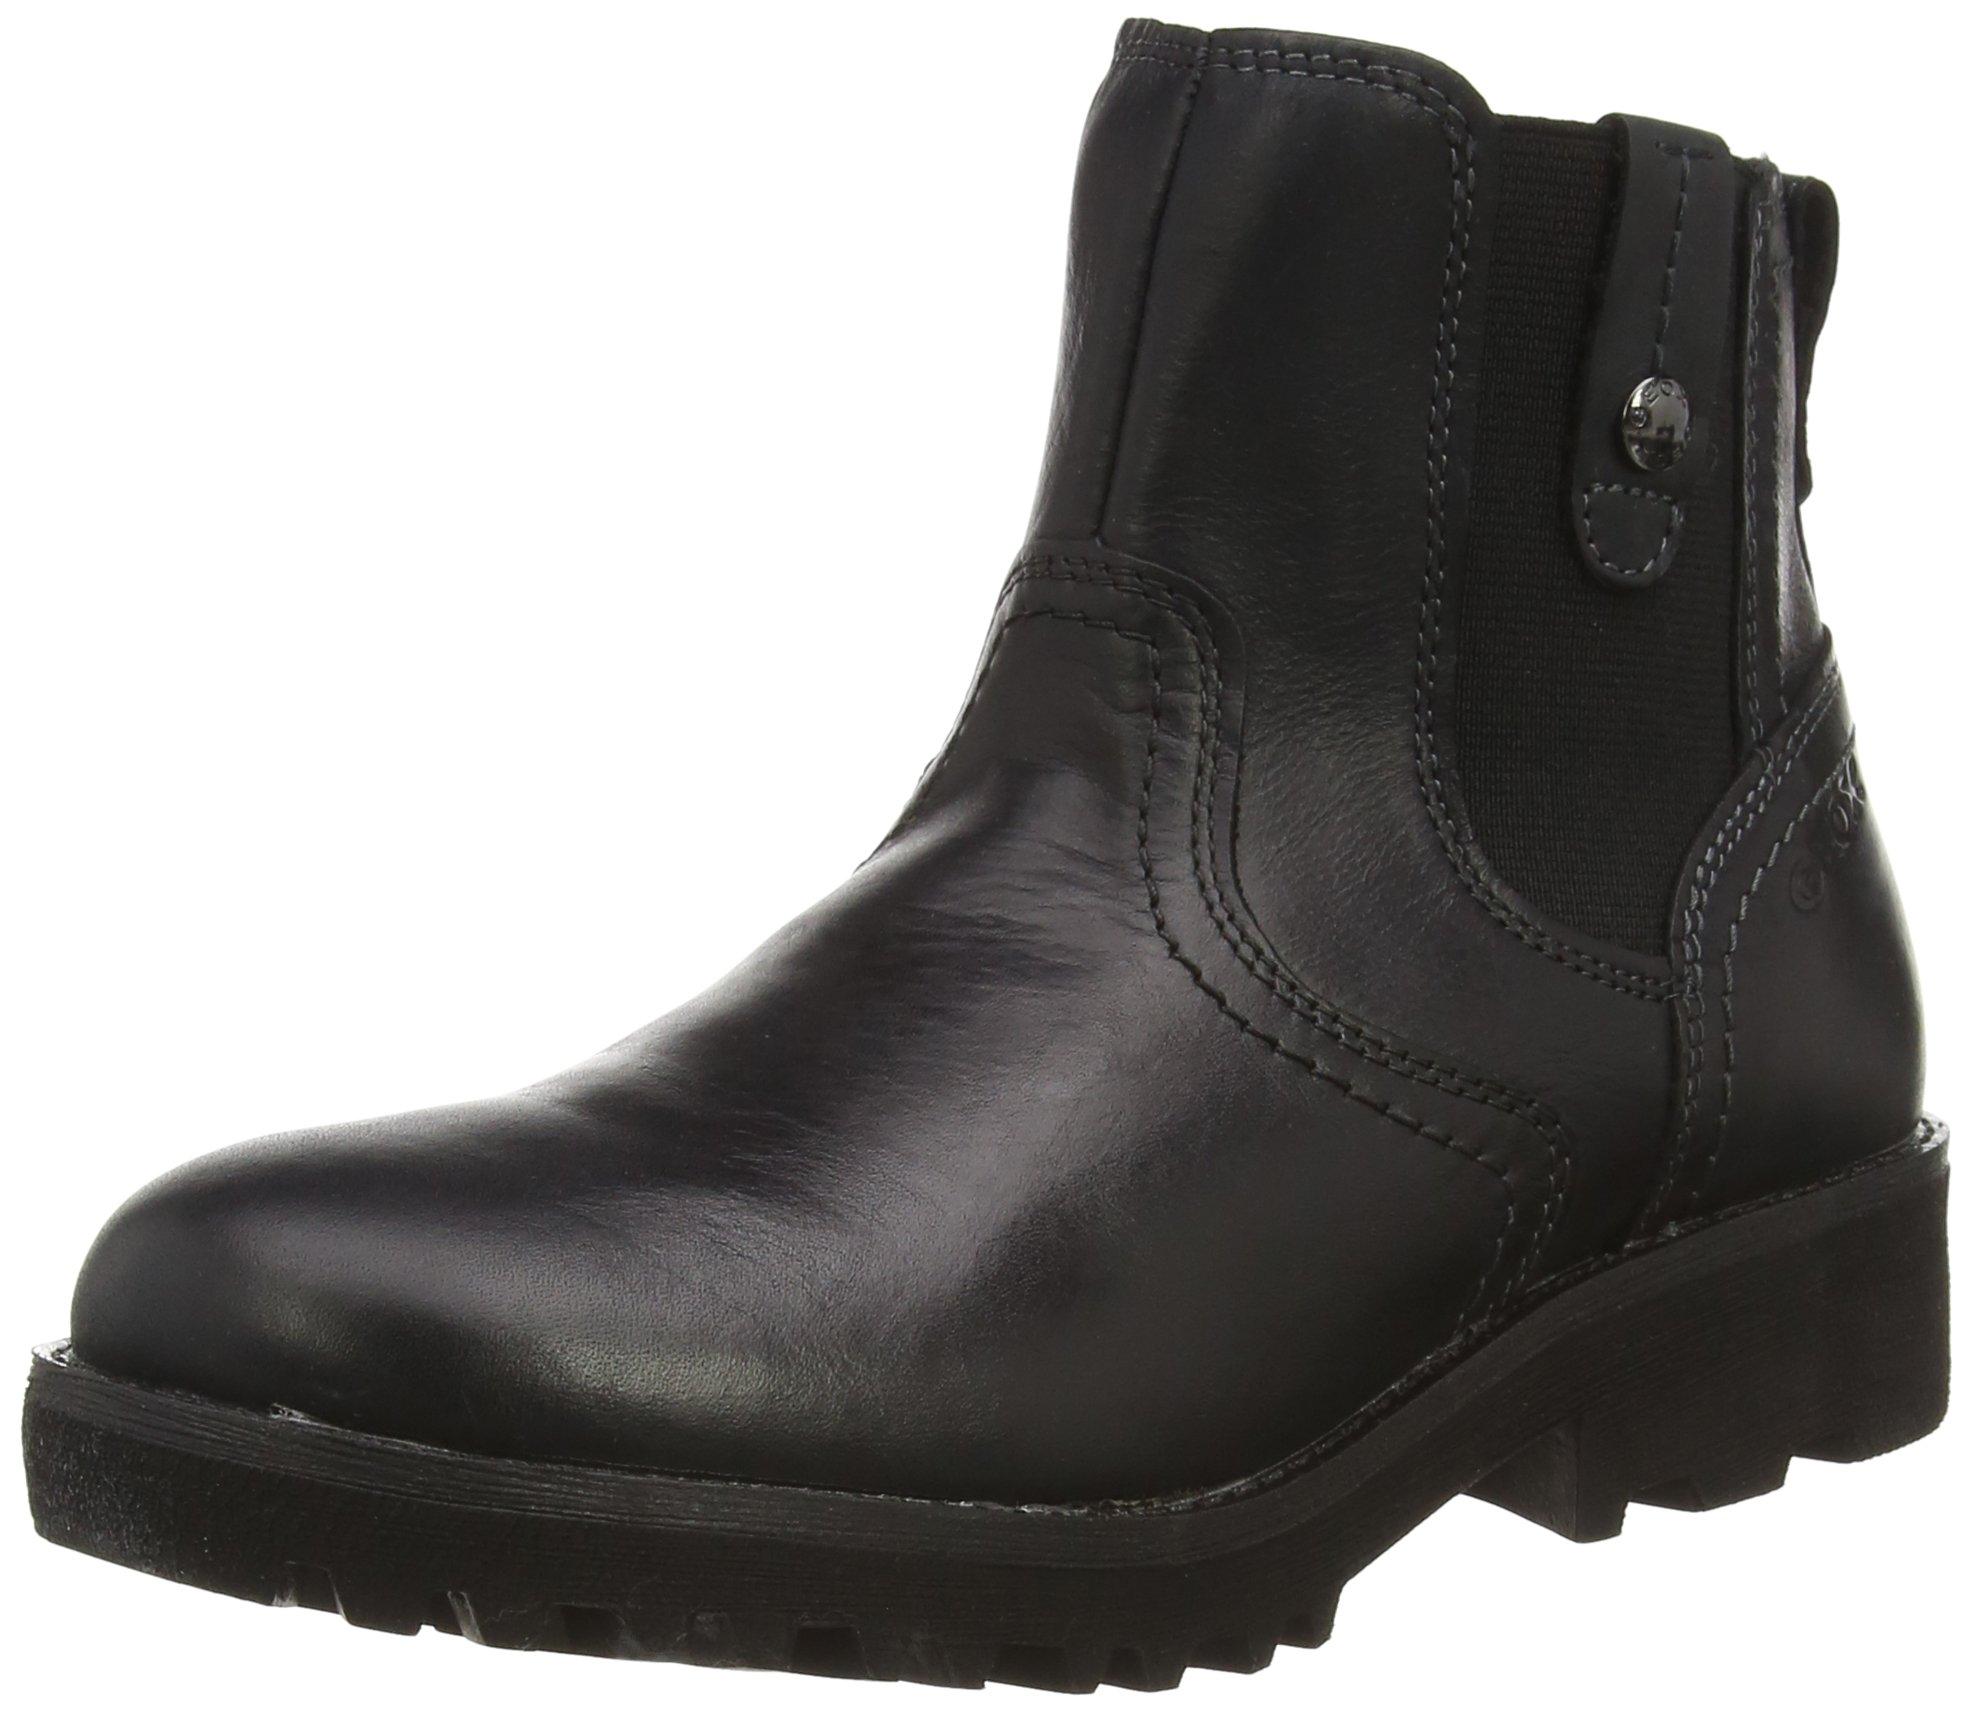 Geox J Axel Boy 7 Boot (Little Kid/Big Kid), Black, 31 EU (13 M US Little Kid) by Geox